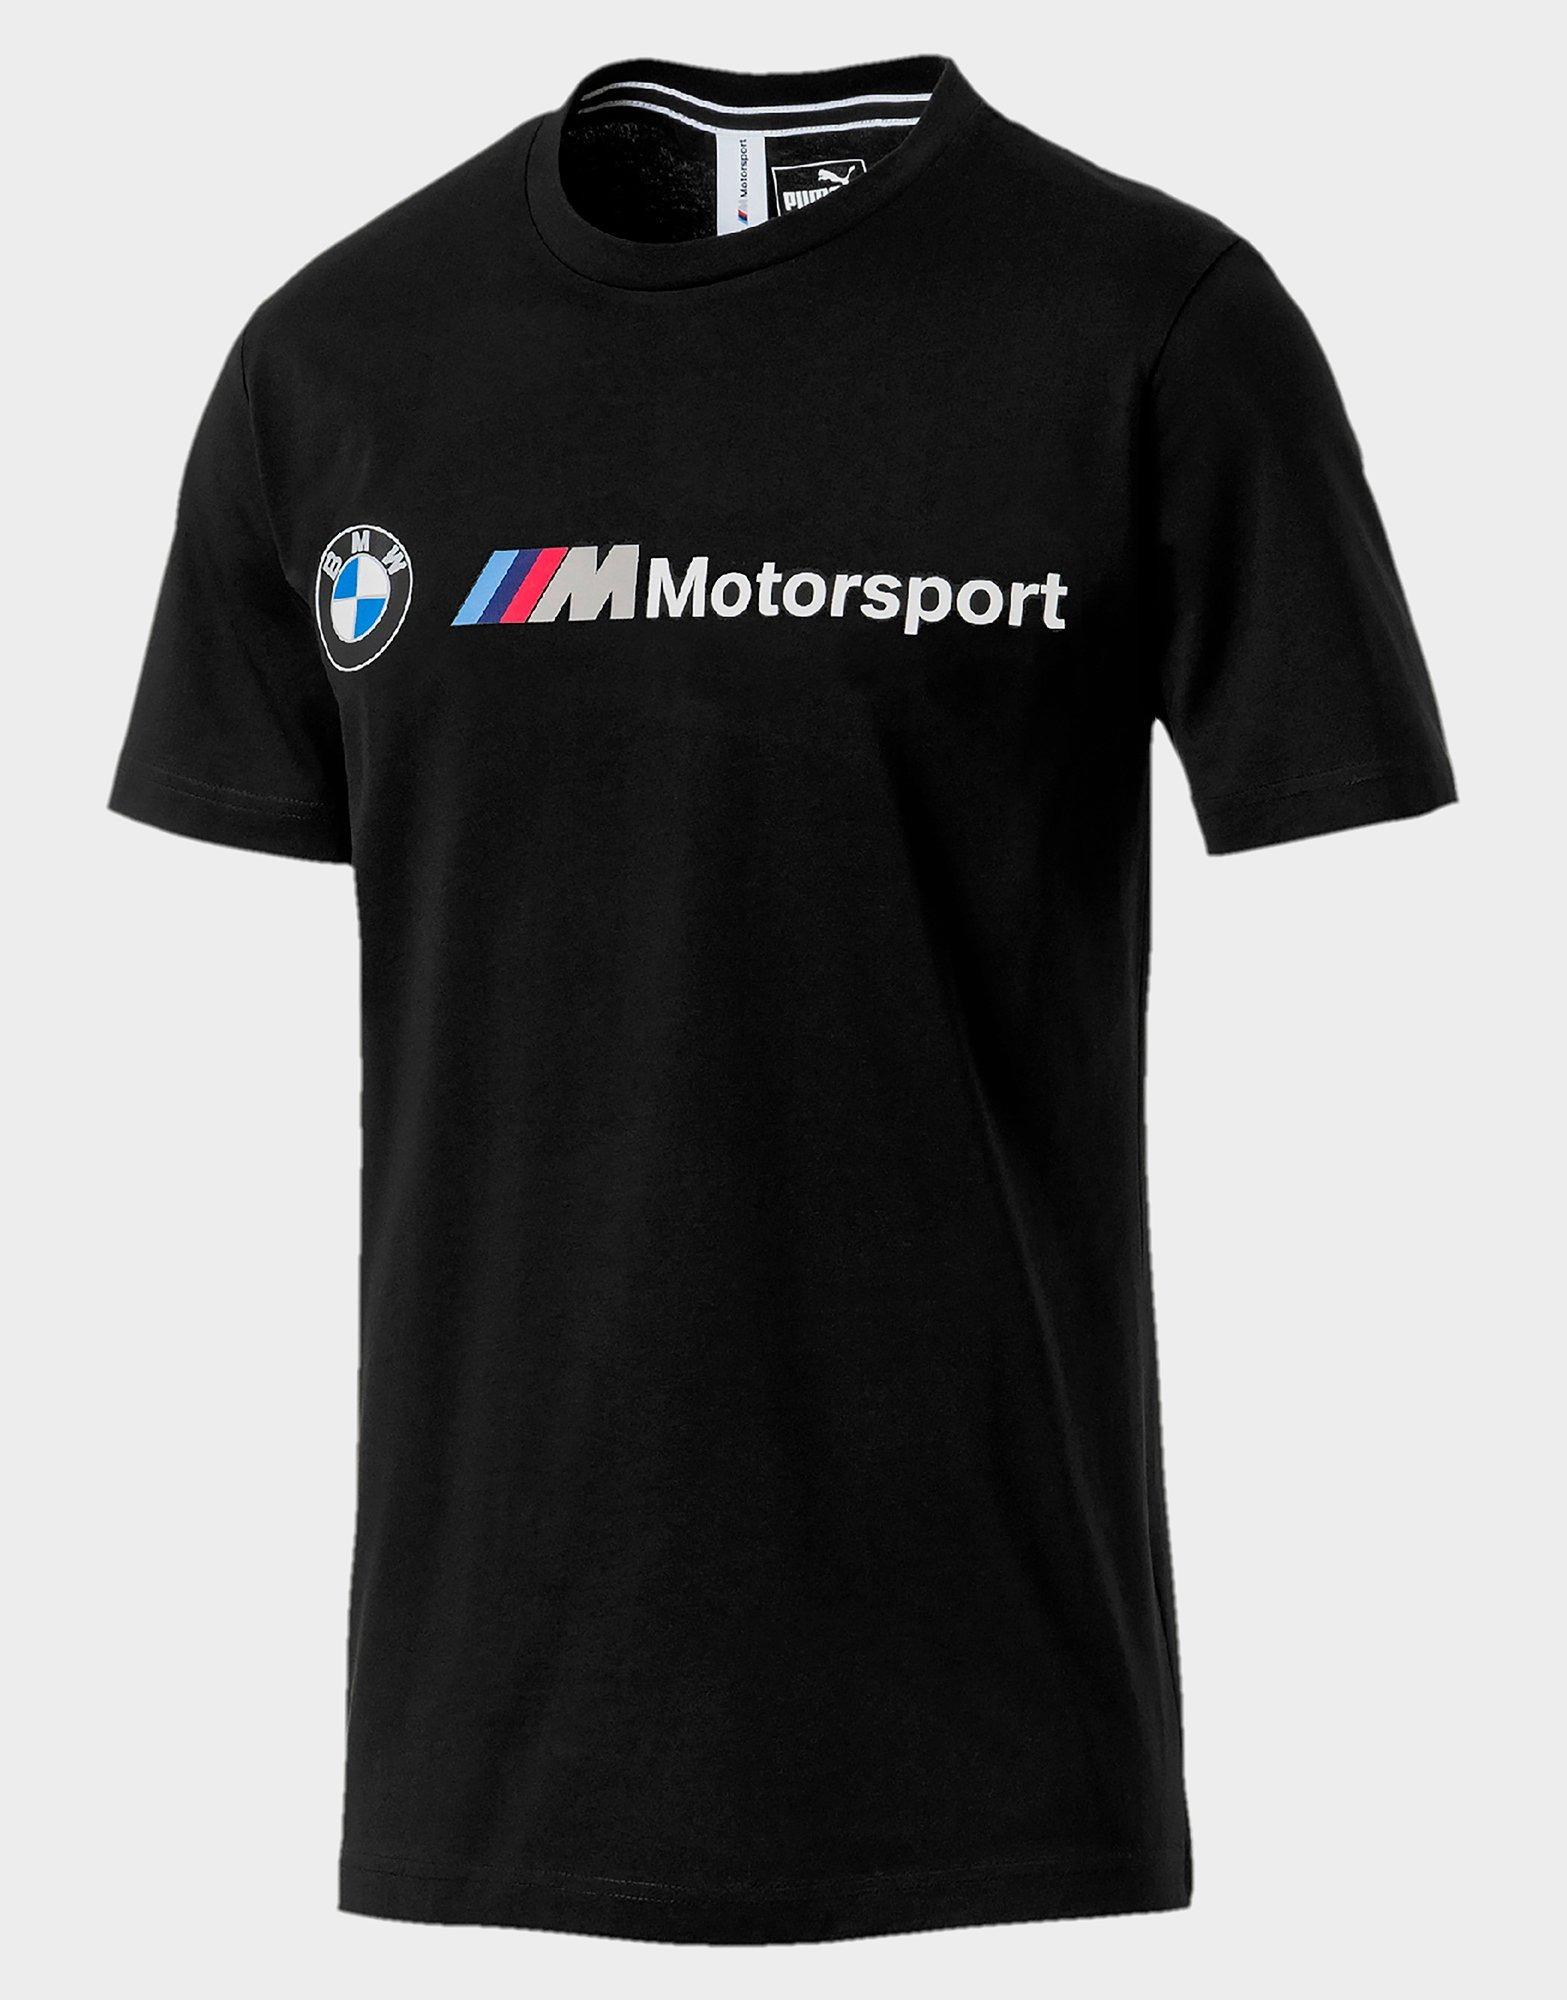 puma billigt tøj på nettet, Billig Puma Herre Bmw Motorsport